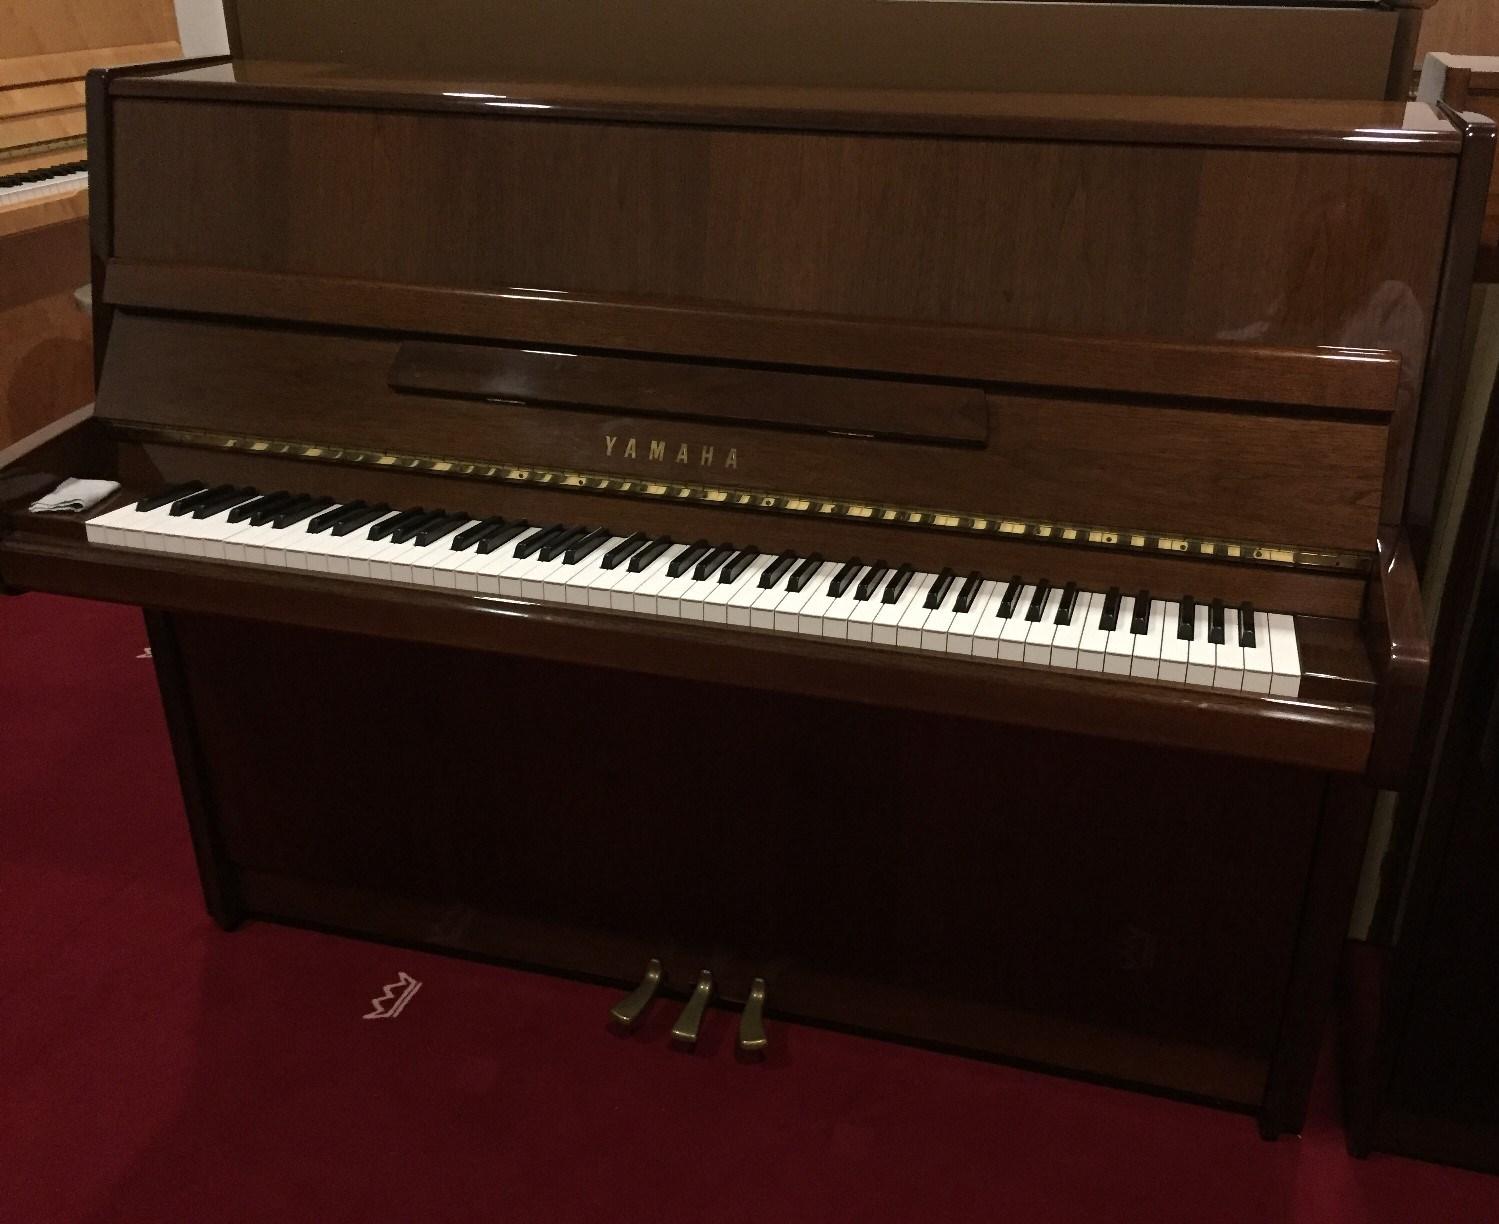 YAMAHA-Klavier<br/>Gebraucht<br/>P 116  Nussbaum poliert<br/>€ 4 490,-.